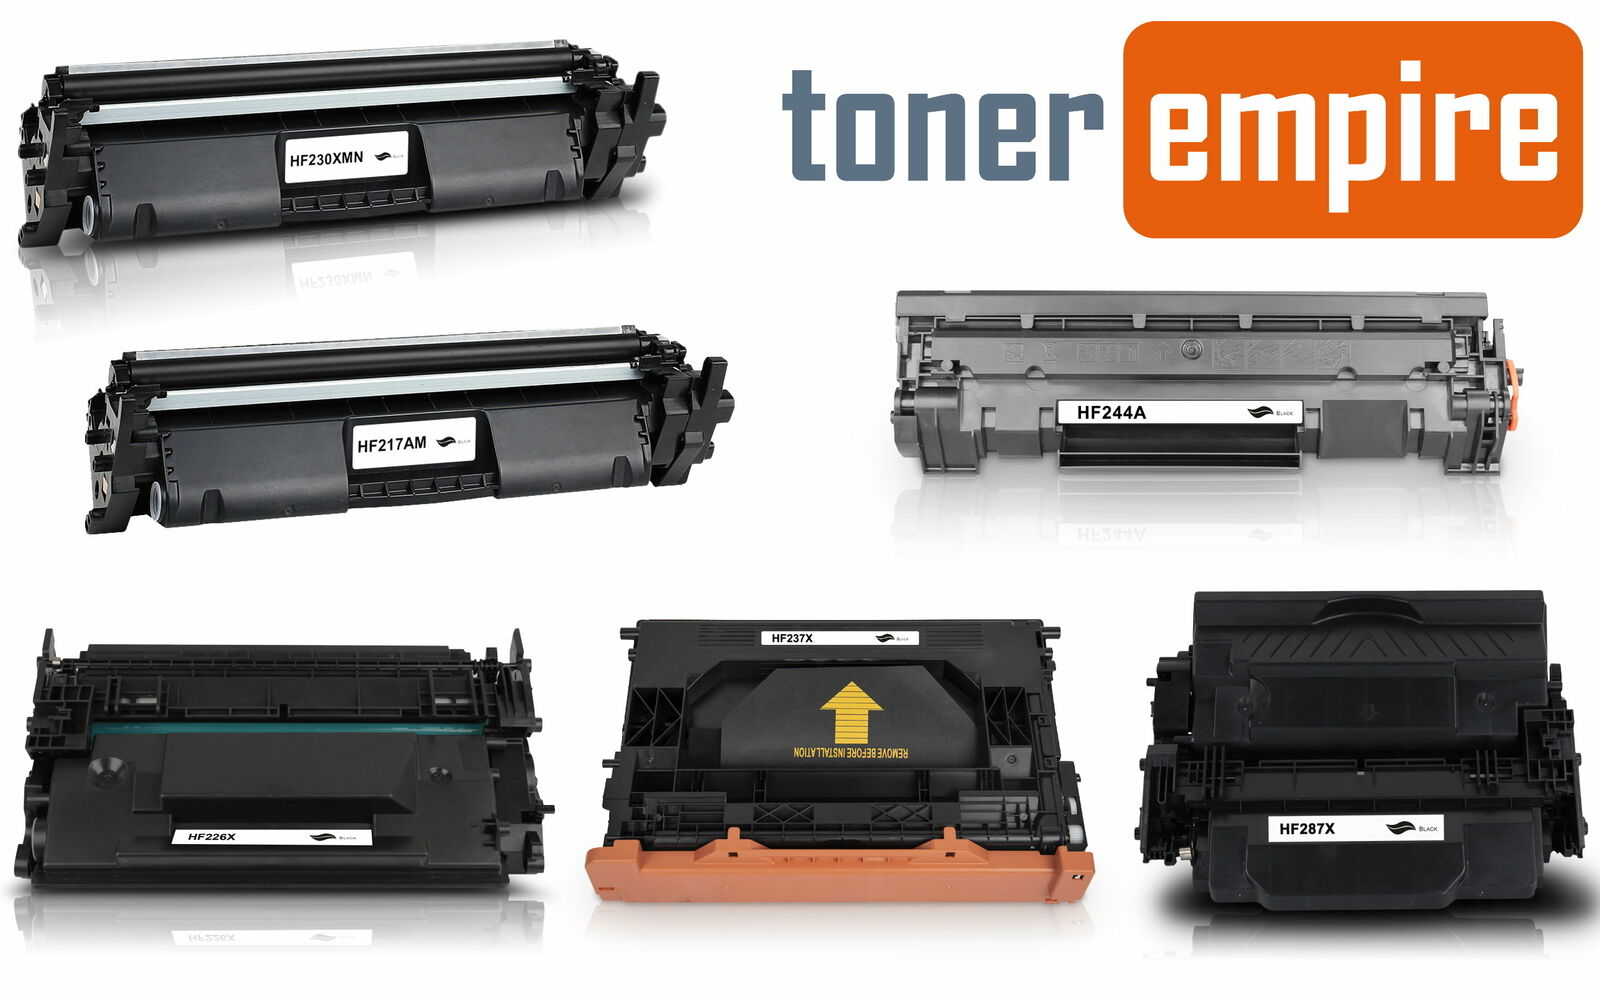 2x Europcart Toner für HP LaserJet Pro M-402-dn MFP M-426-dn M-402-dw M-402-dne